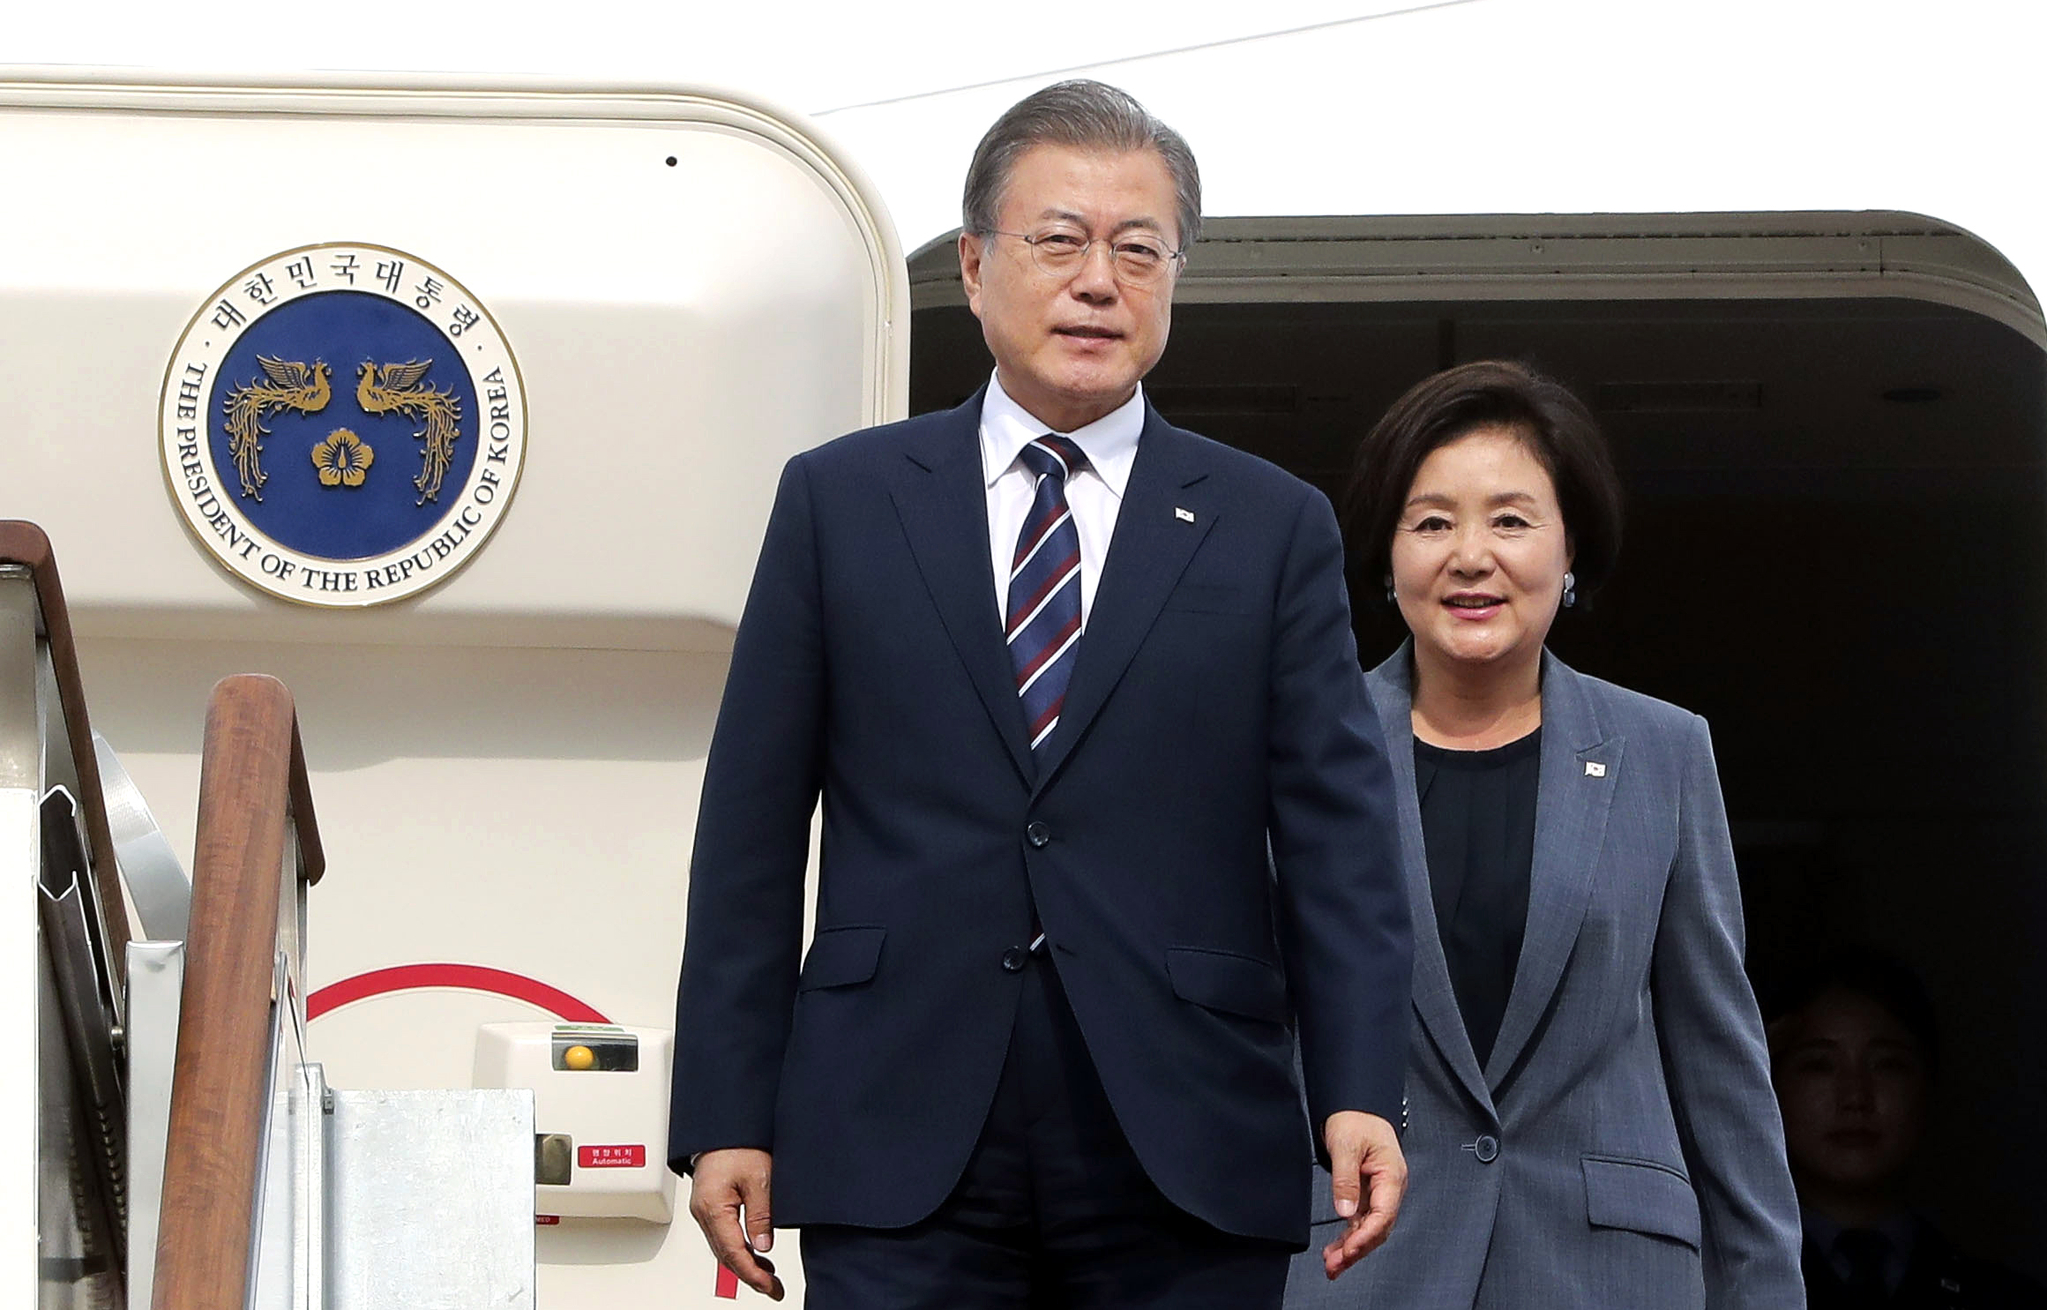 G20 정상회의 참석차 일본을 방문한 뒤 귀국한 문재인 대통령과 부인 김정숙 여사가 6월 29일 오후 서울공항에 도착해 전용기에서 내리고 있다. [청와대사진기자단]